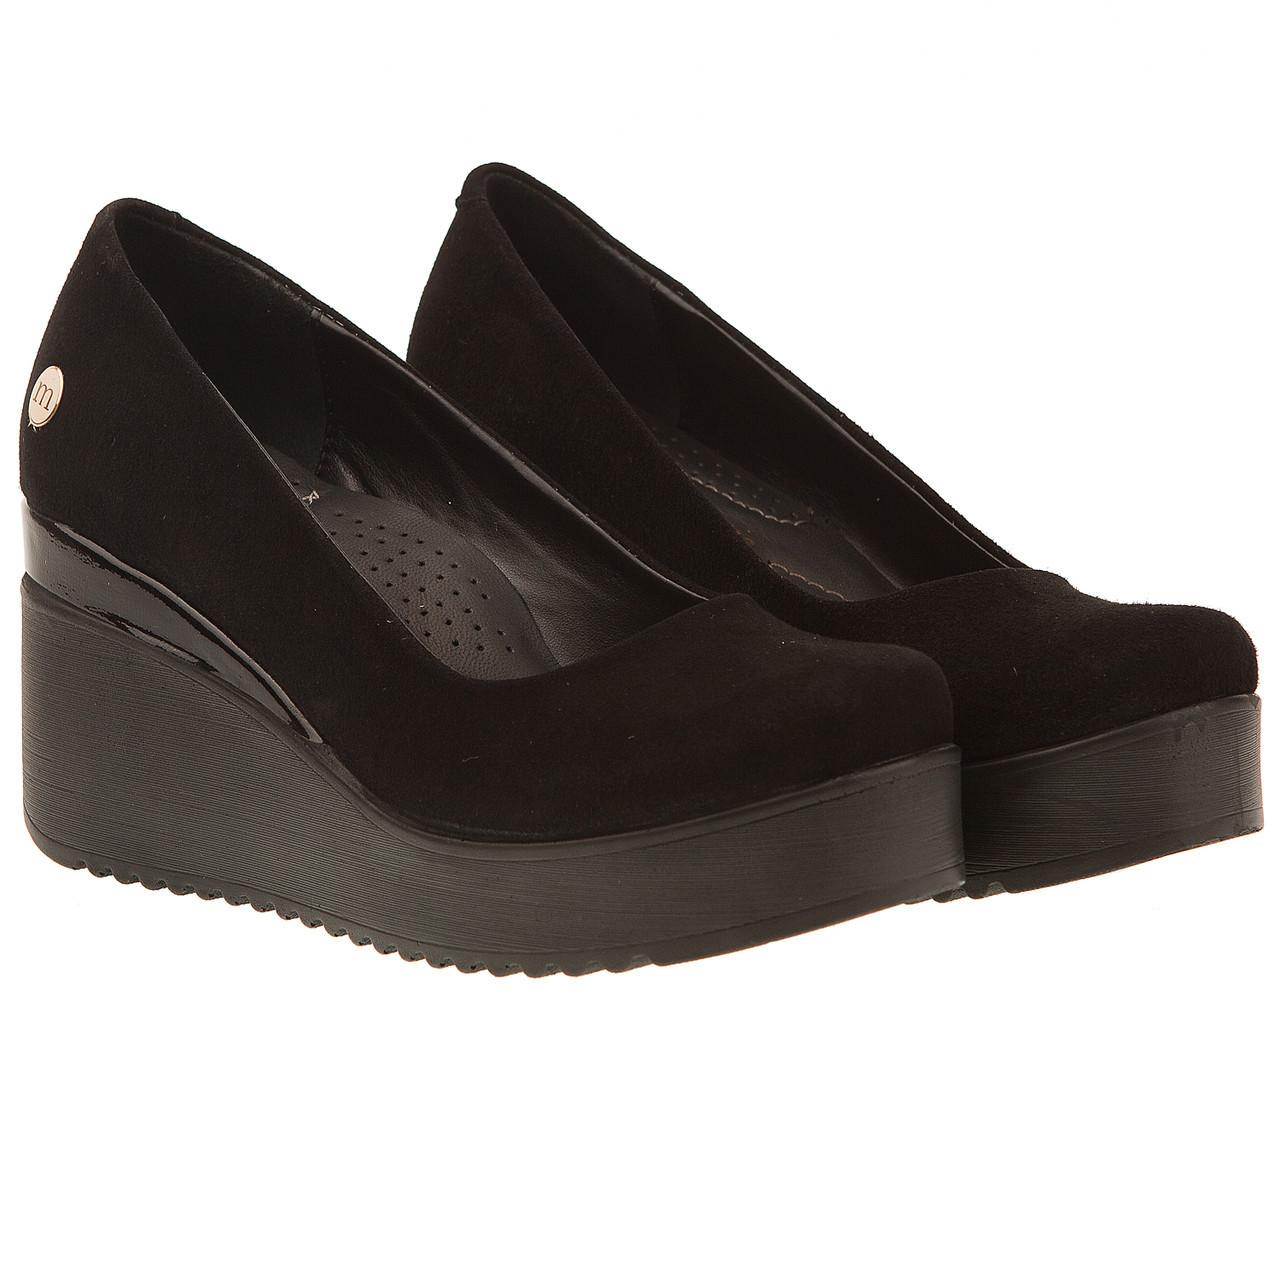 e939c6d0e Туфли женские Mammamia (черные, замшевые, на удобной танкетке, модные,  комфортные)